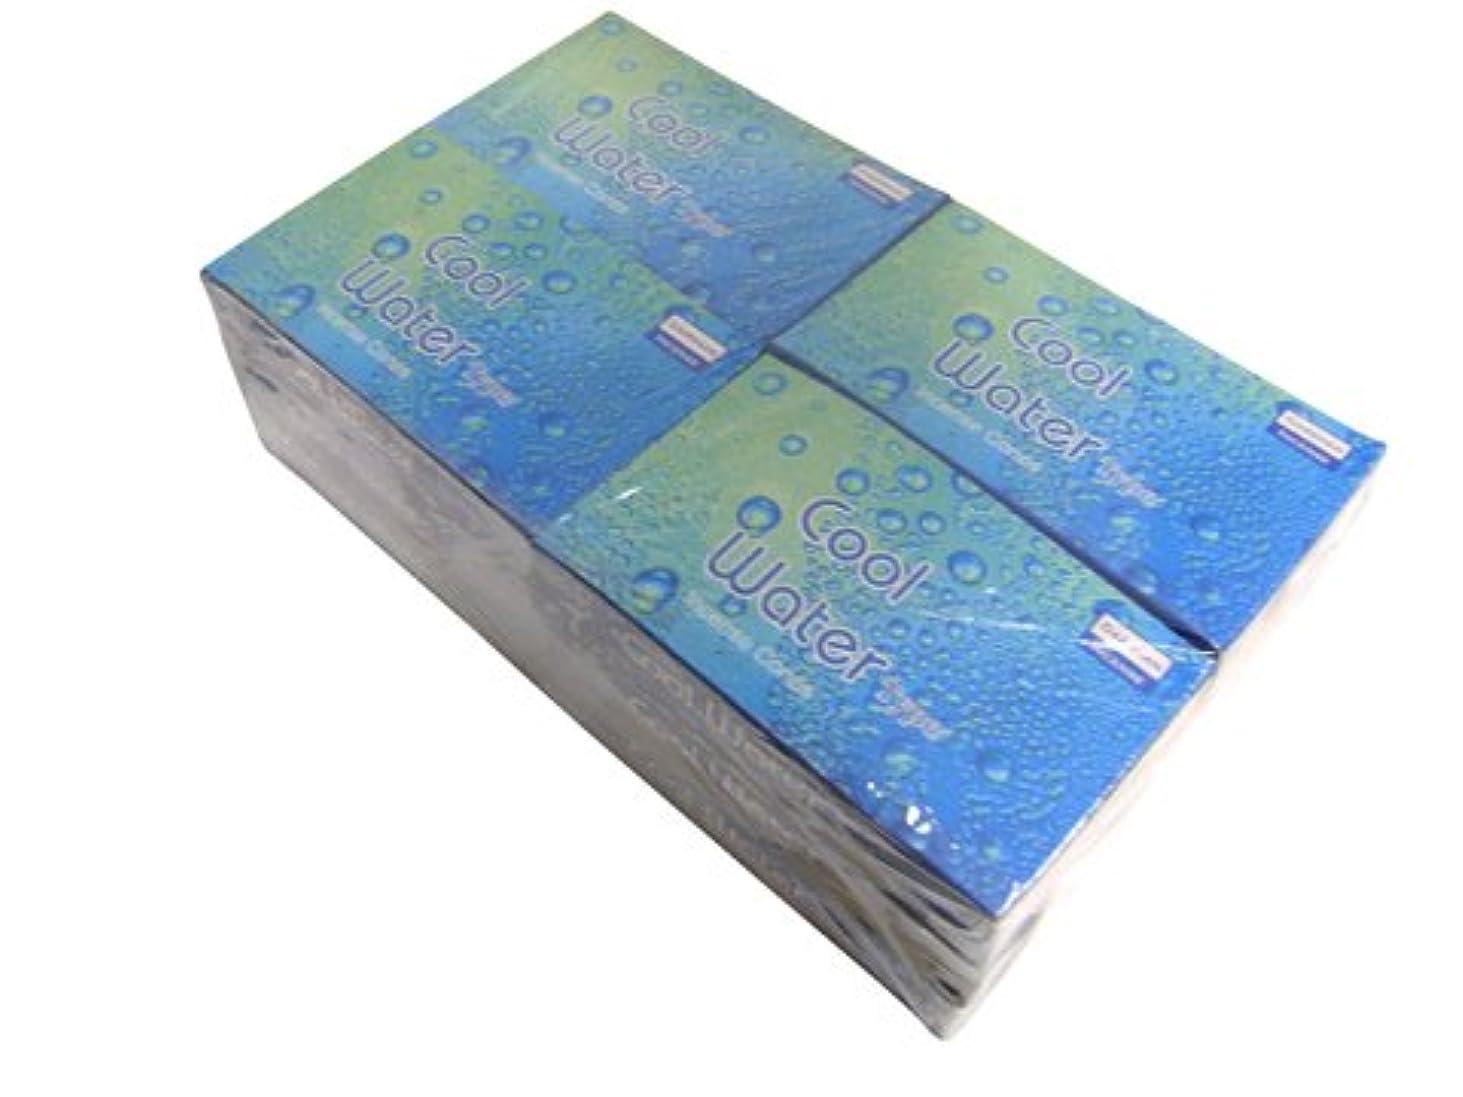 不安定な利益不倫DARSHAN(ダルシャン) クールウォーター香 コーンタイプ COOL WATER CORN 12箱セット